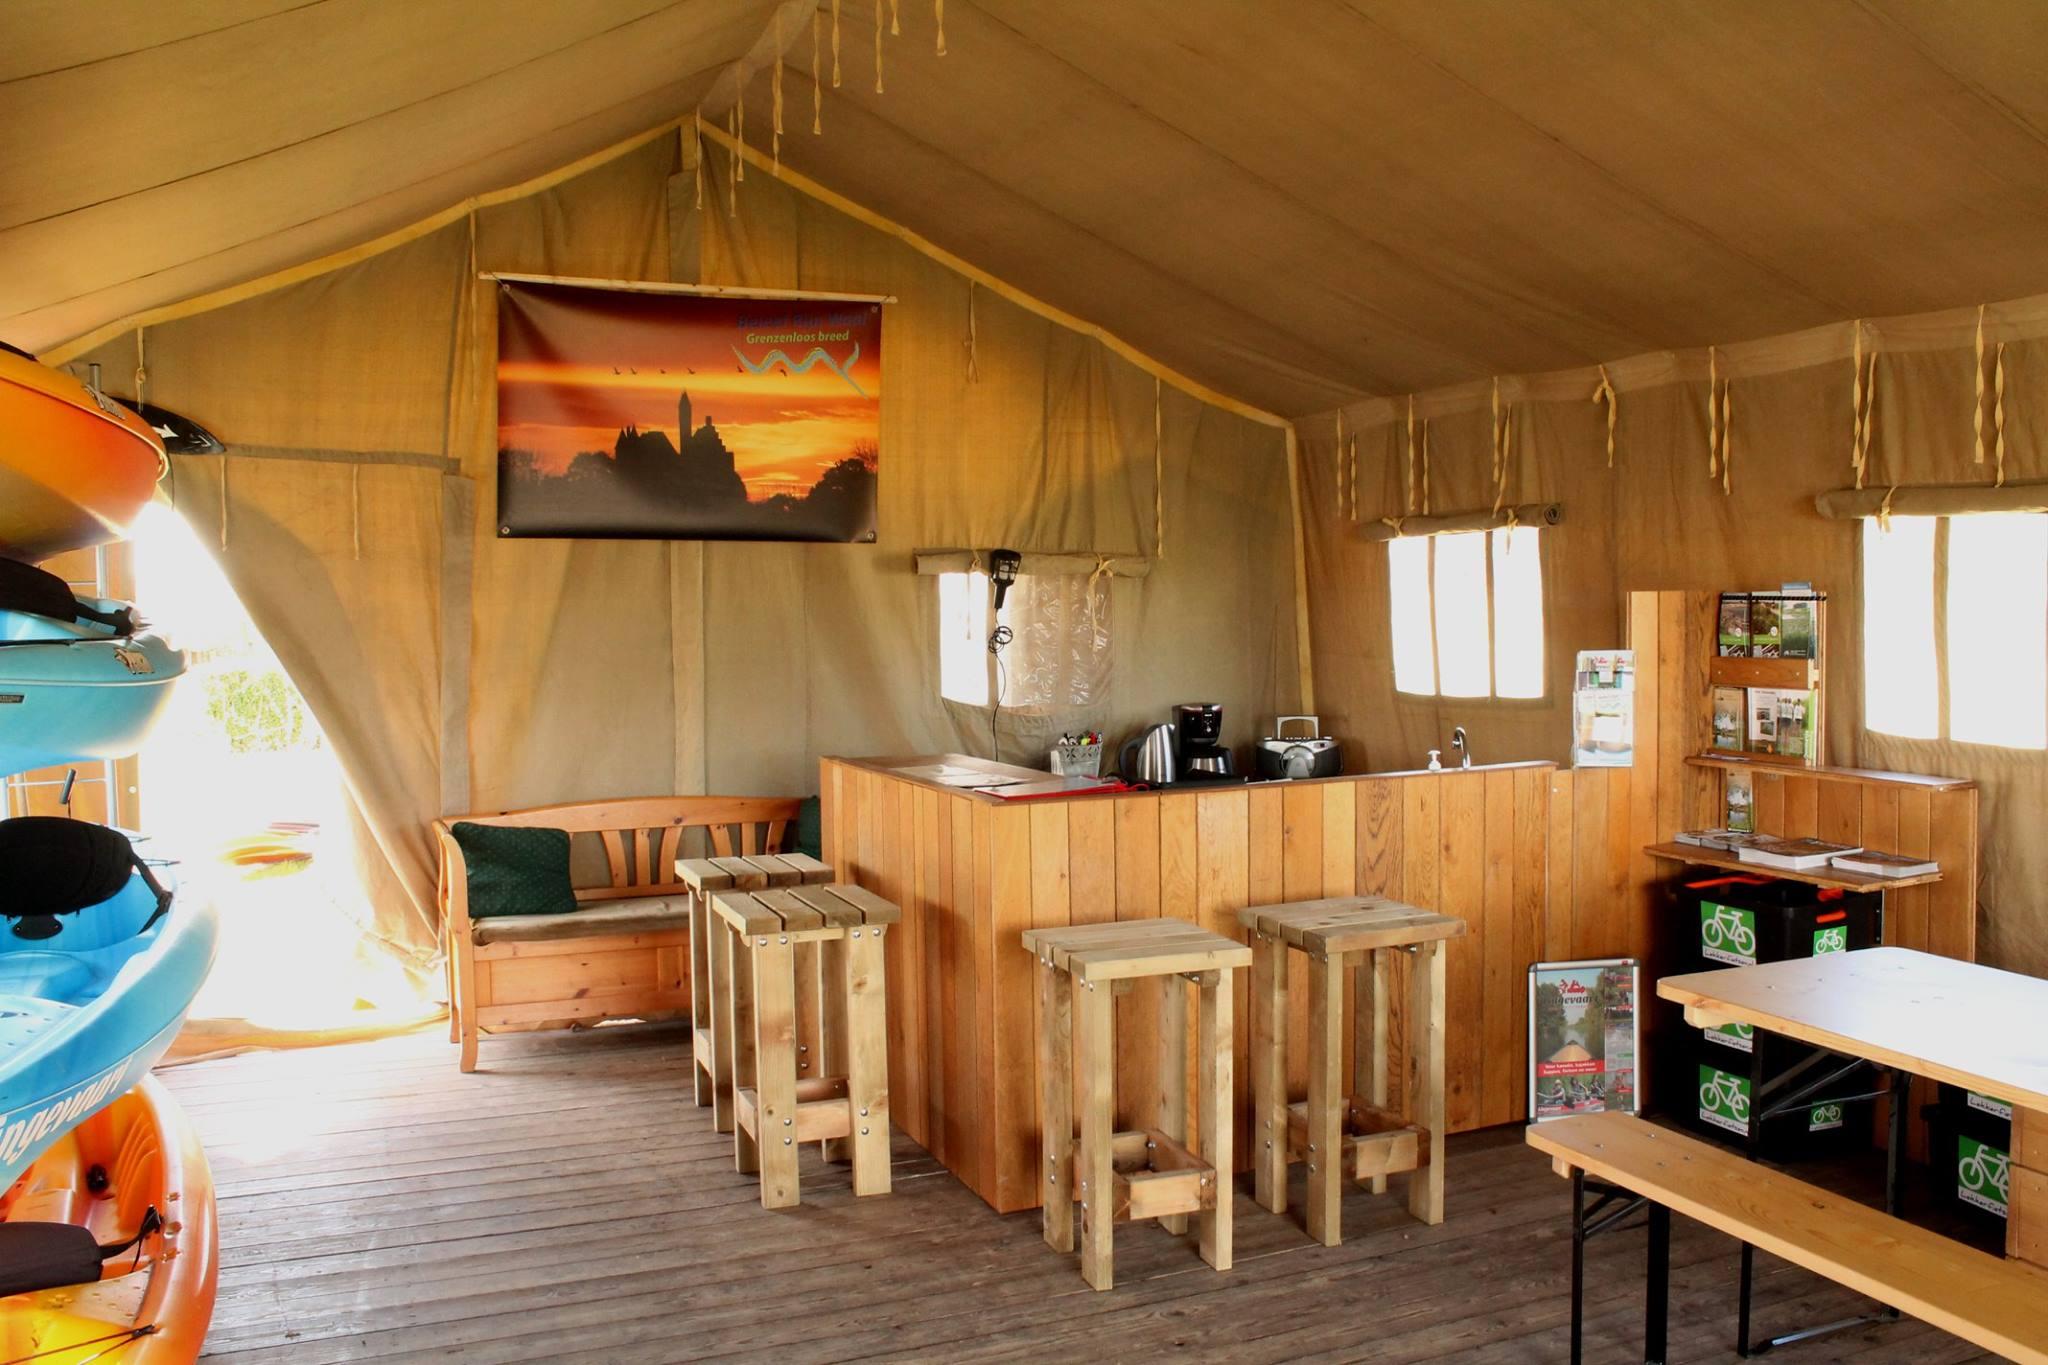 Safaritent bij Lingevaart